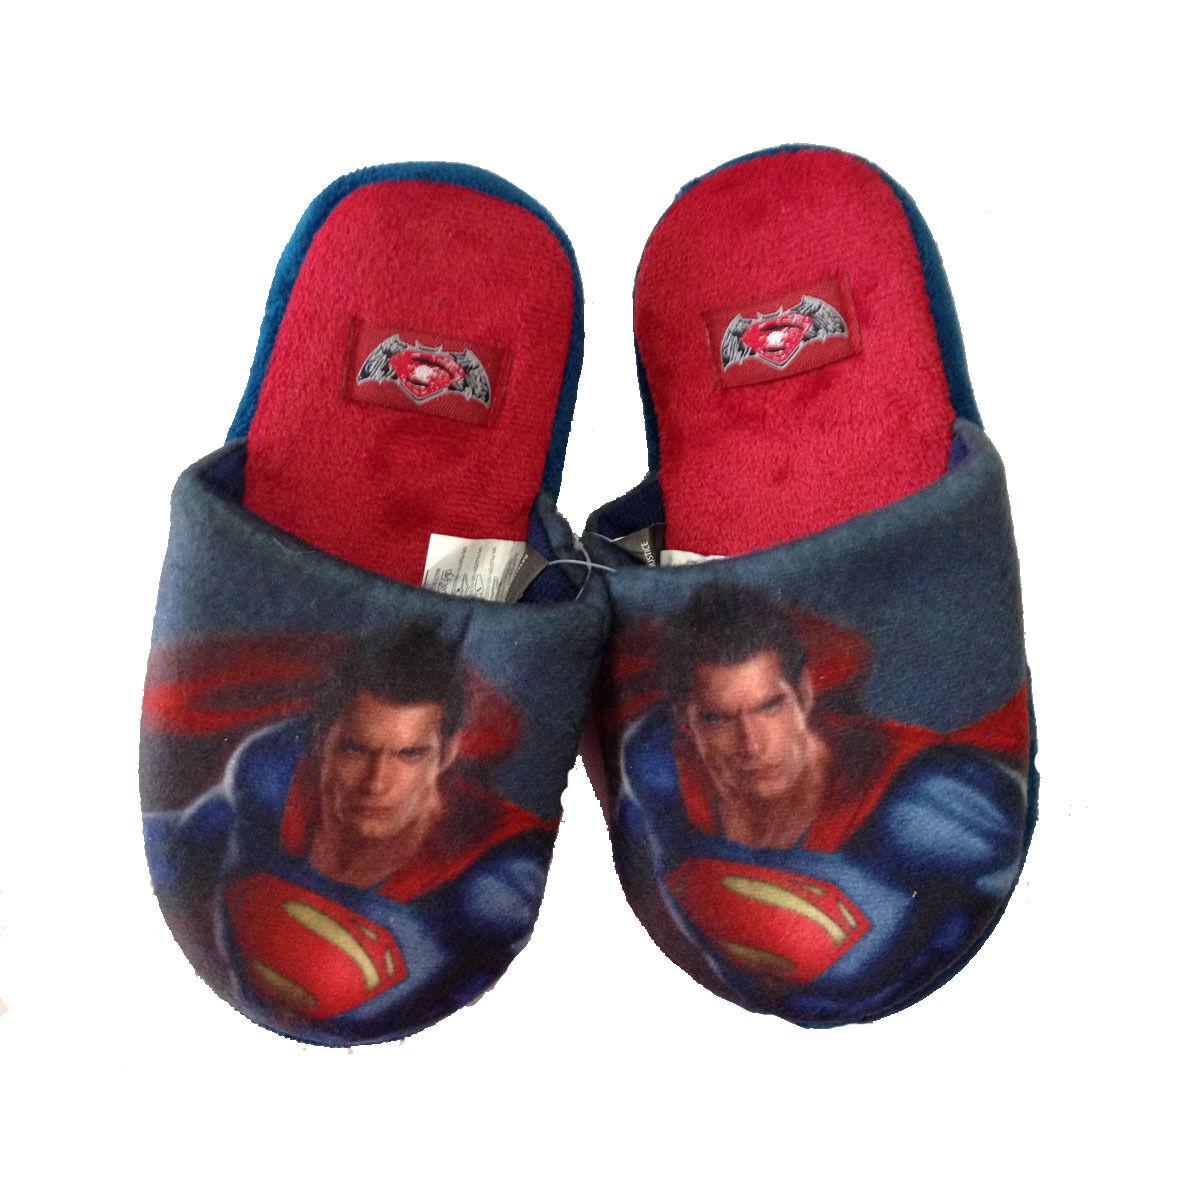 SUPERMAN ciabatte rosse in morbido peluches con pallini antiscivolo varie taglie